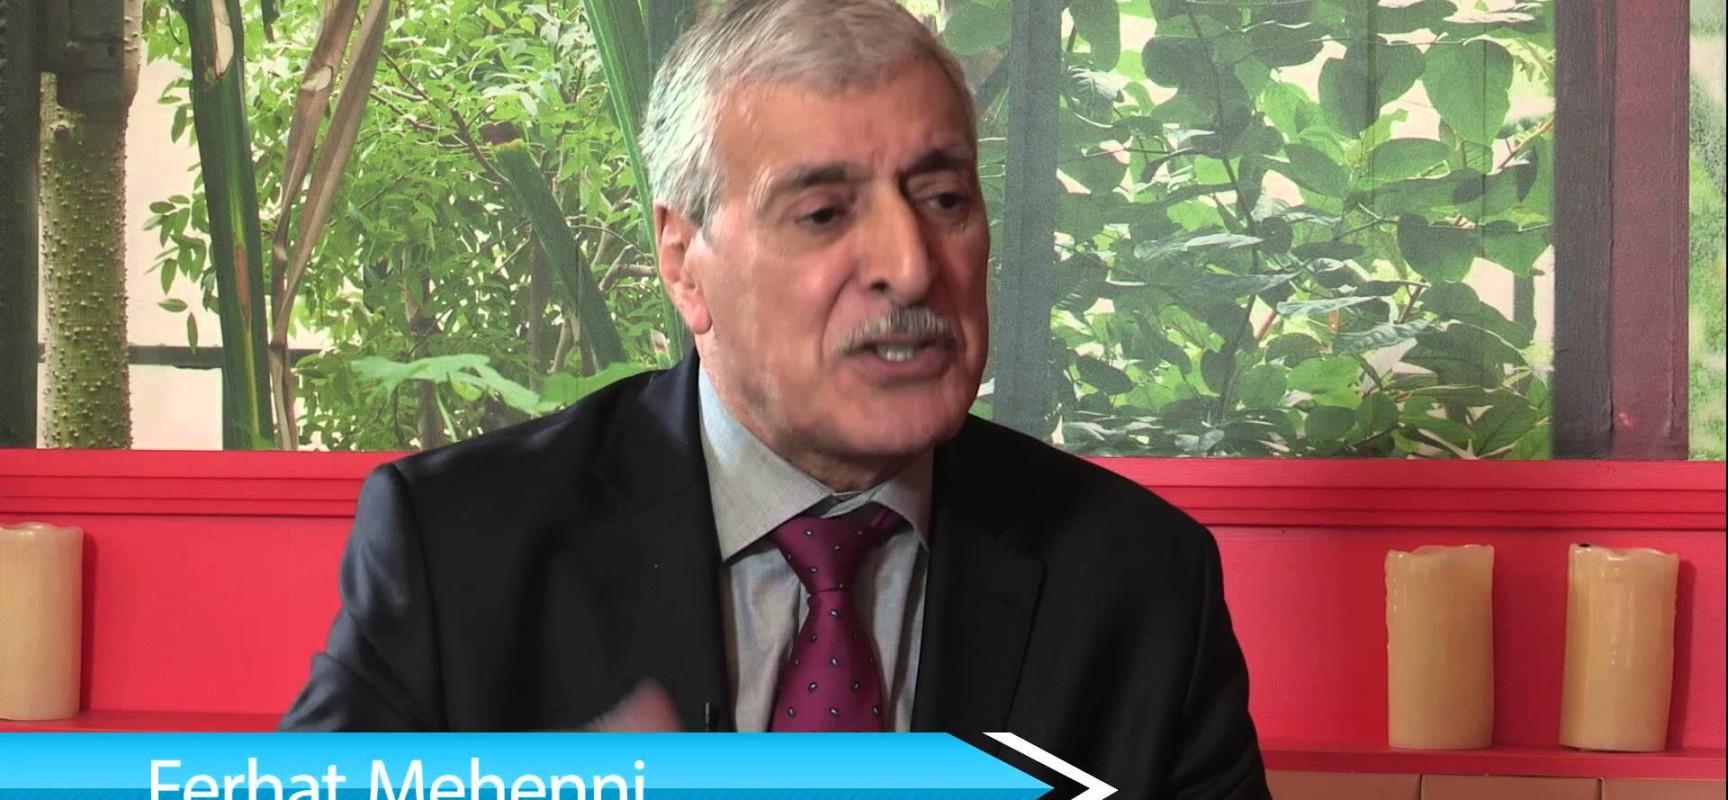 Un ex-officier du Mossad confirme la relation entre les «séparatistes» algériens et les services israéliens